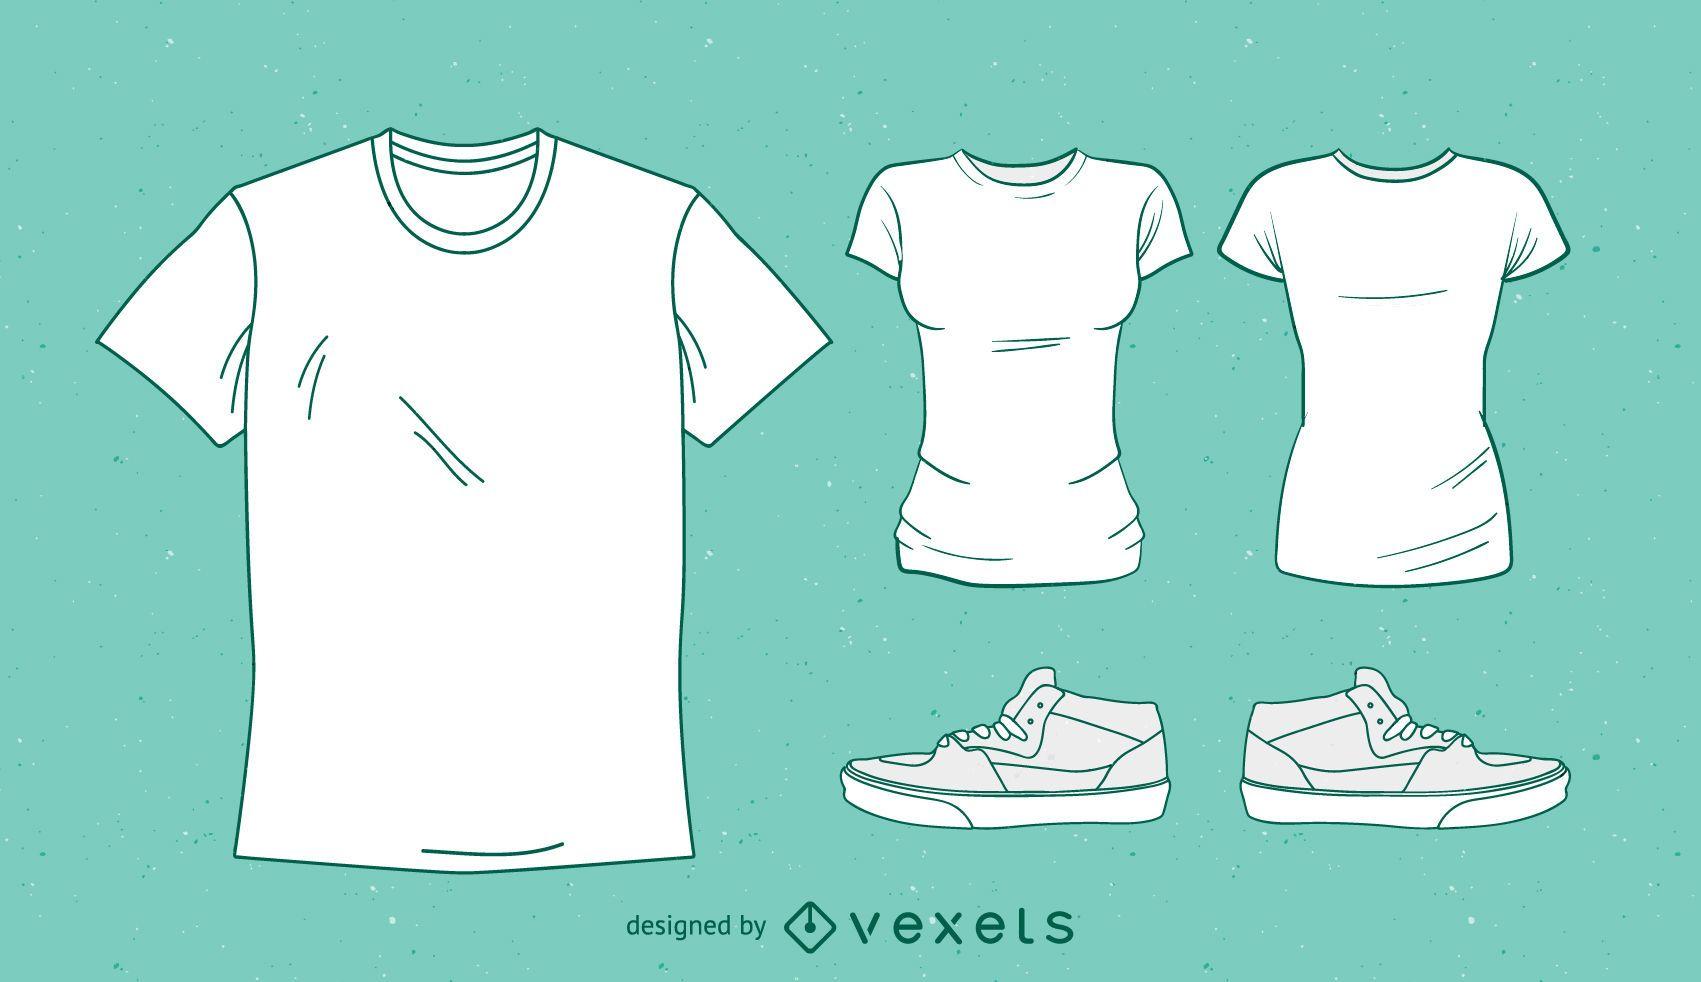 Camisetas e tênis vetoriais